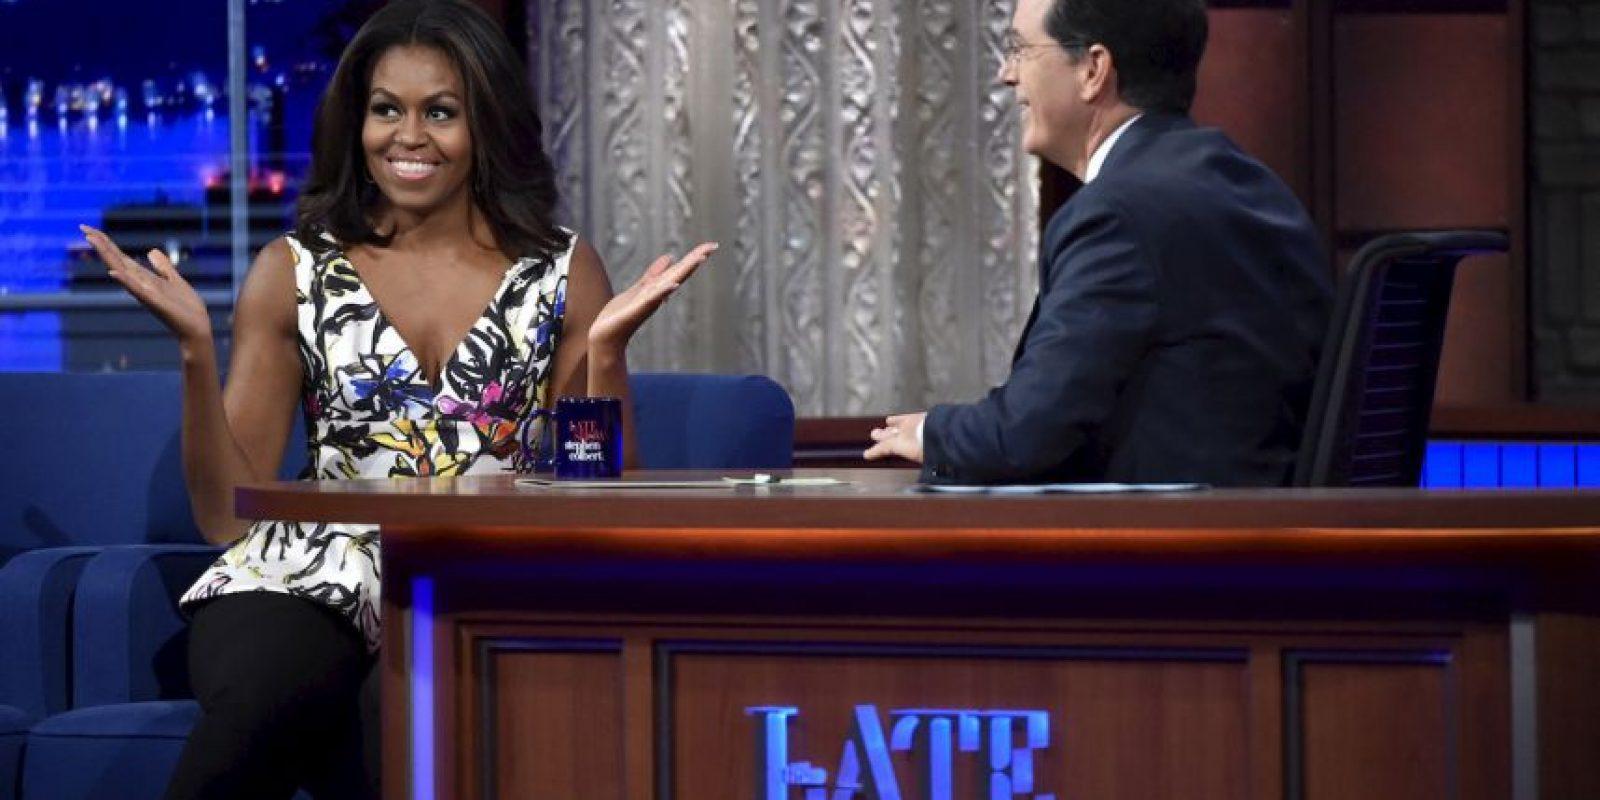 La primera dama aseguró que quiere tener una vida como un civil normal. Foto:AP